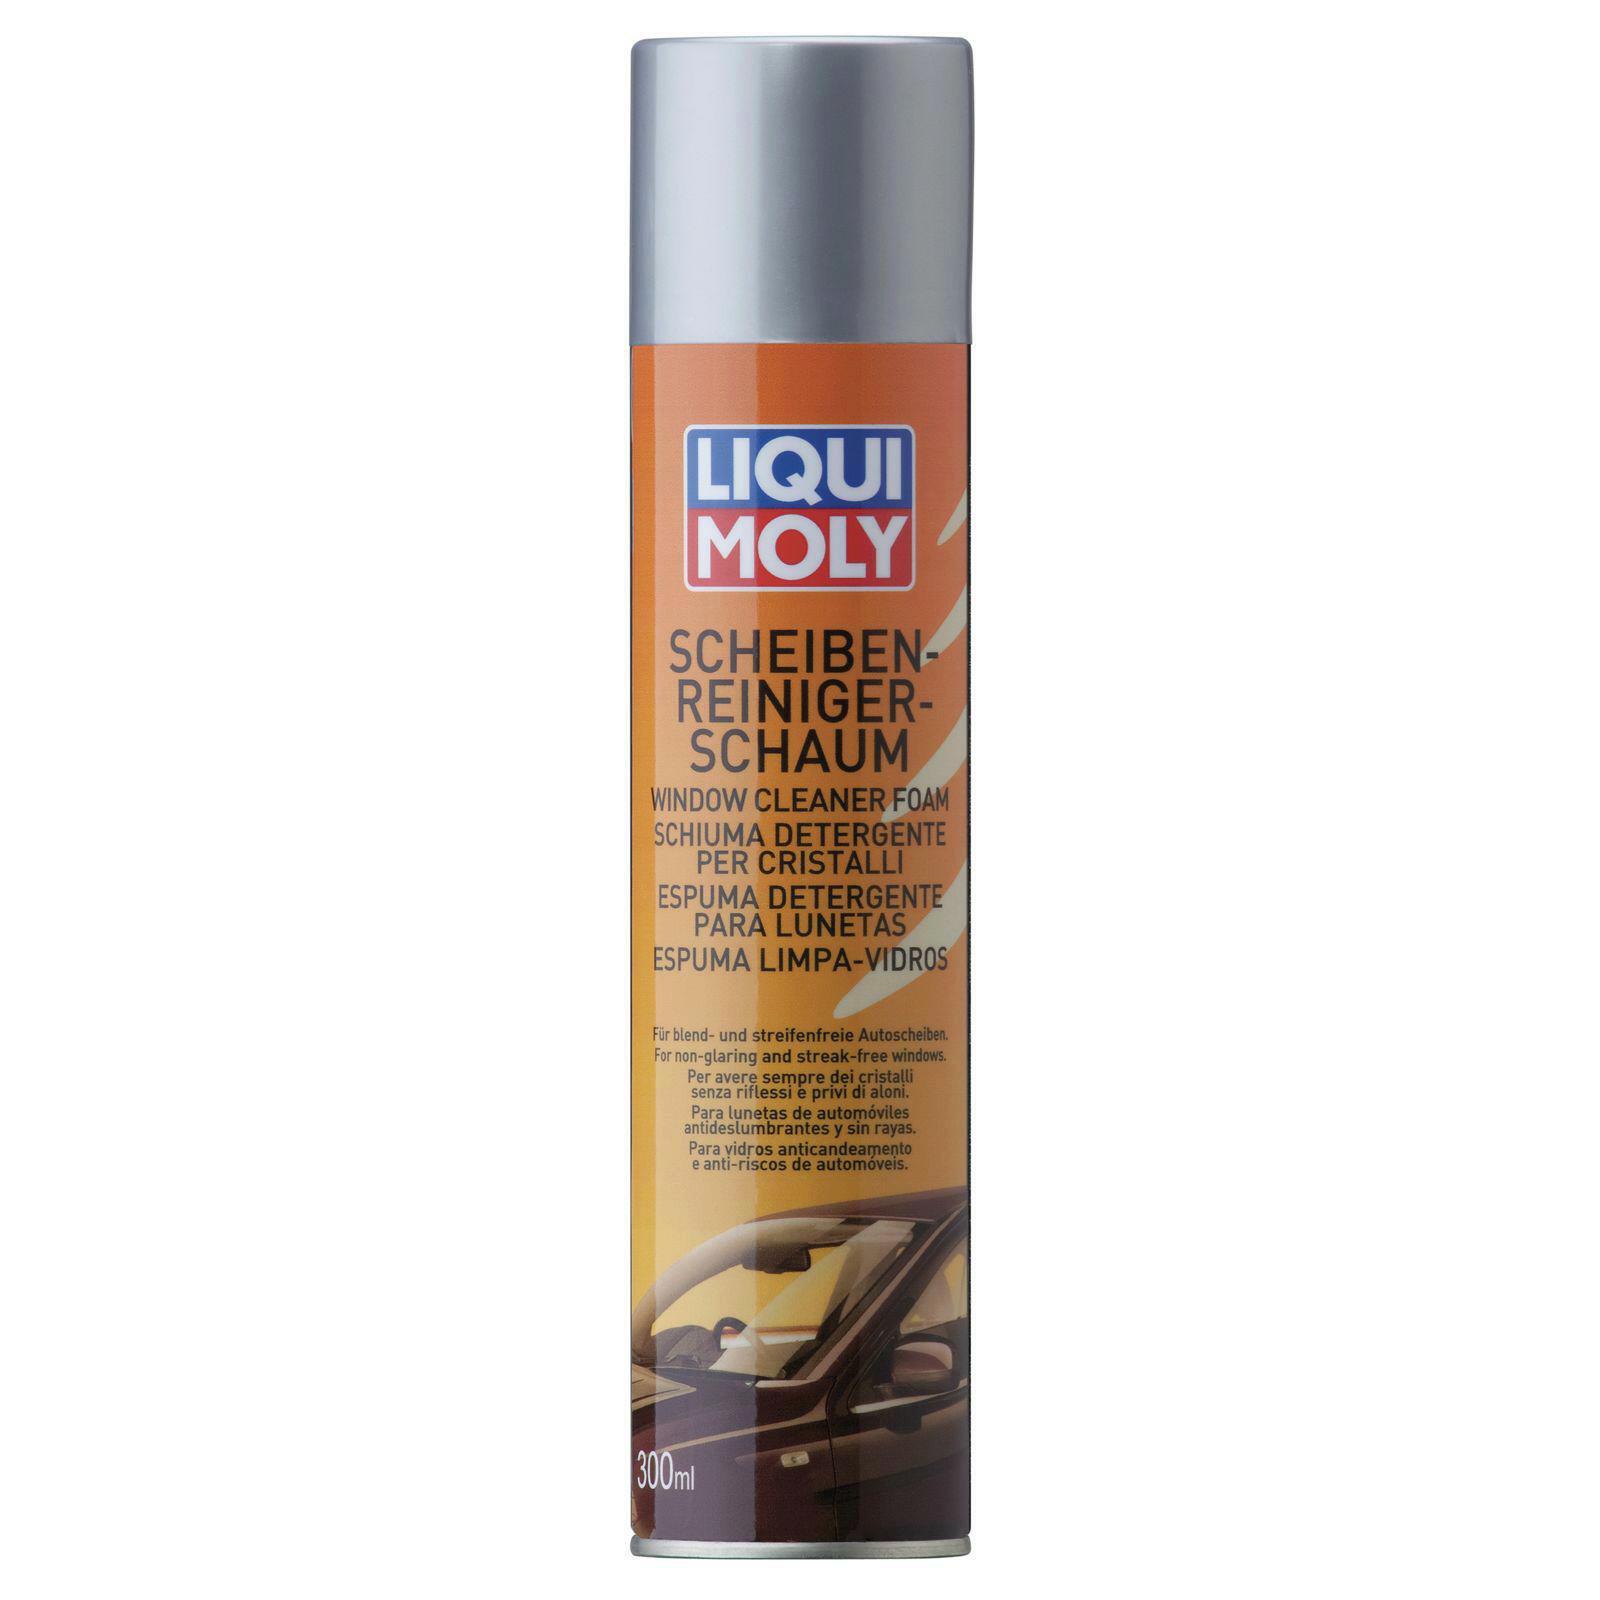 Liqui Moly Scheiben-Reiniger-Schaum 300ml